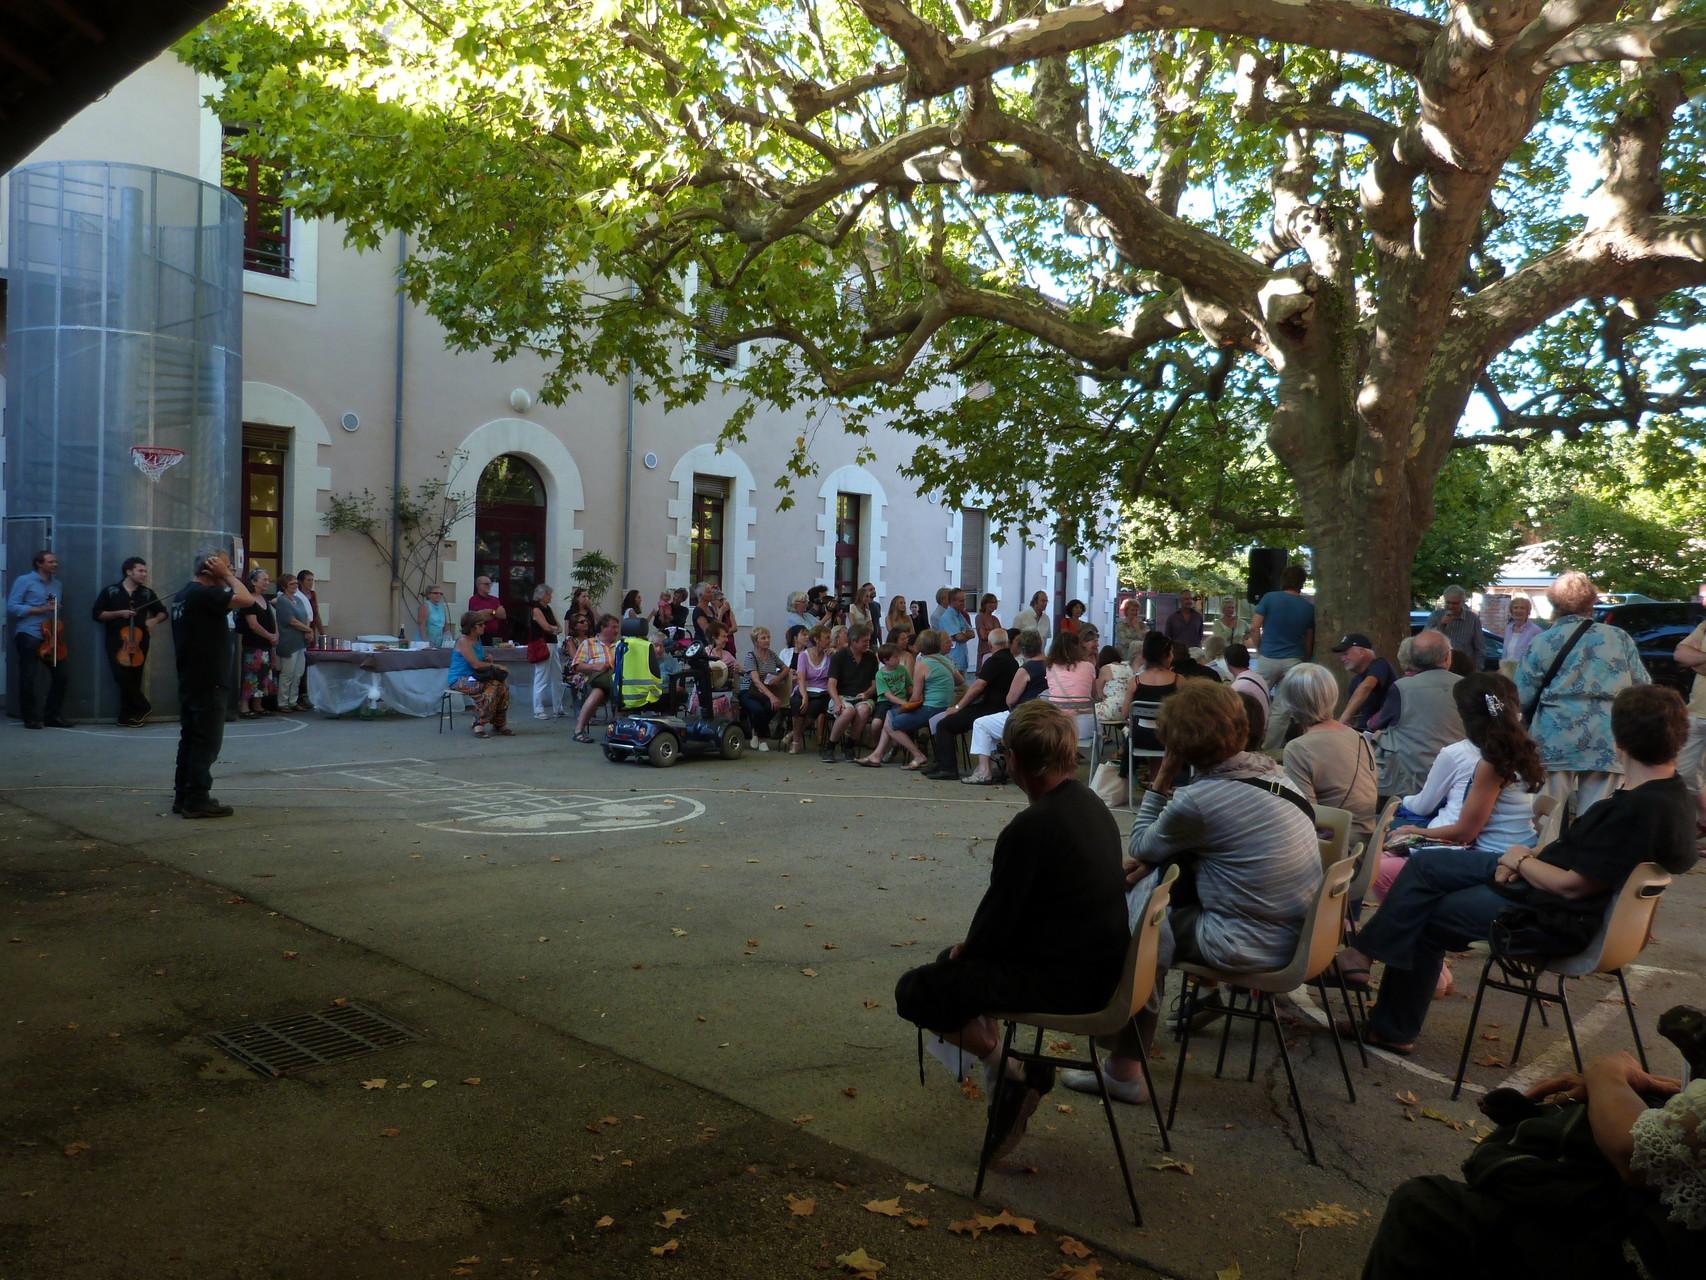 Le public et les officiels dans la cour de l'école